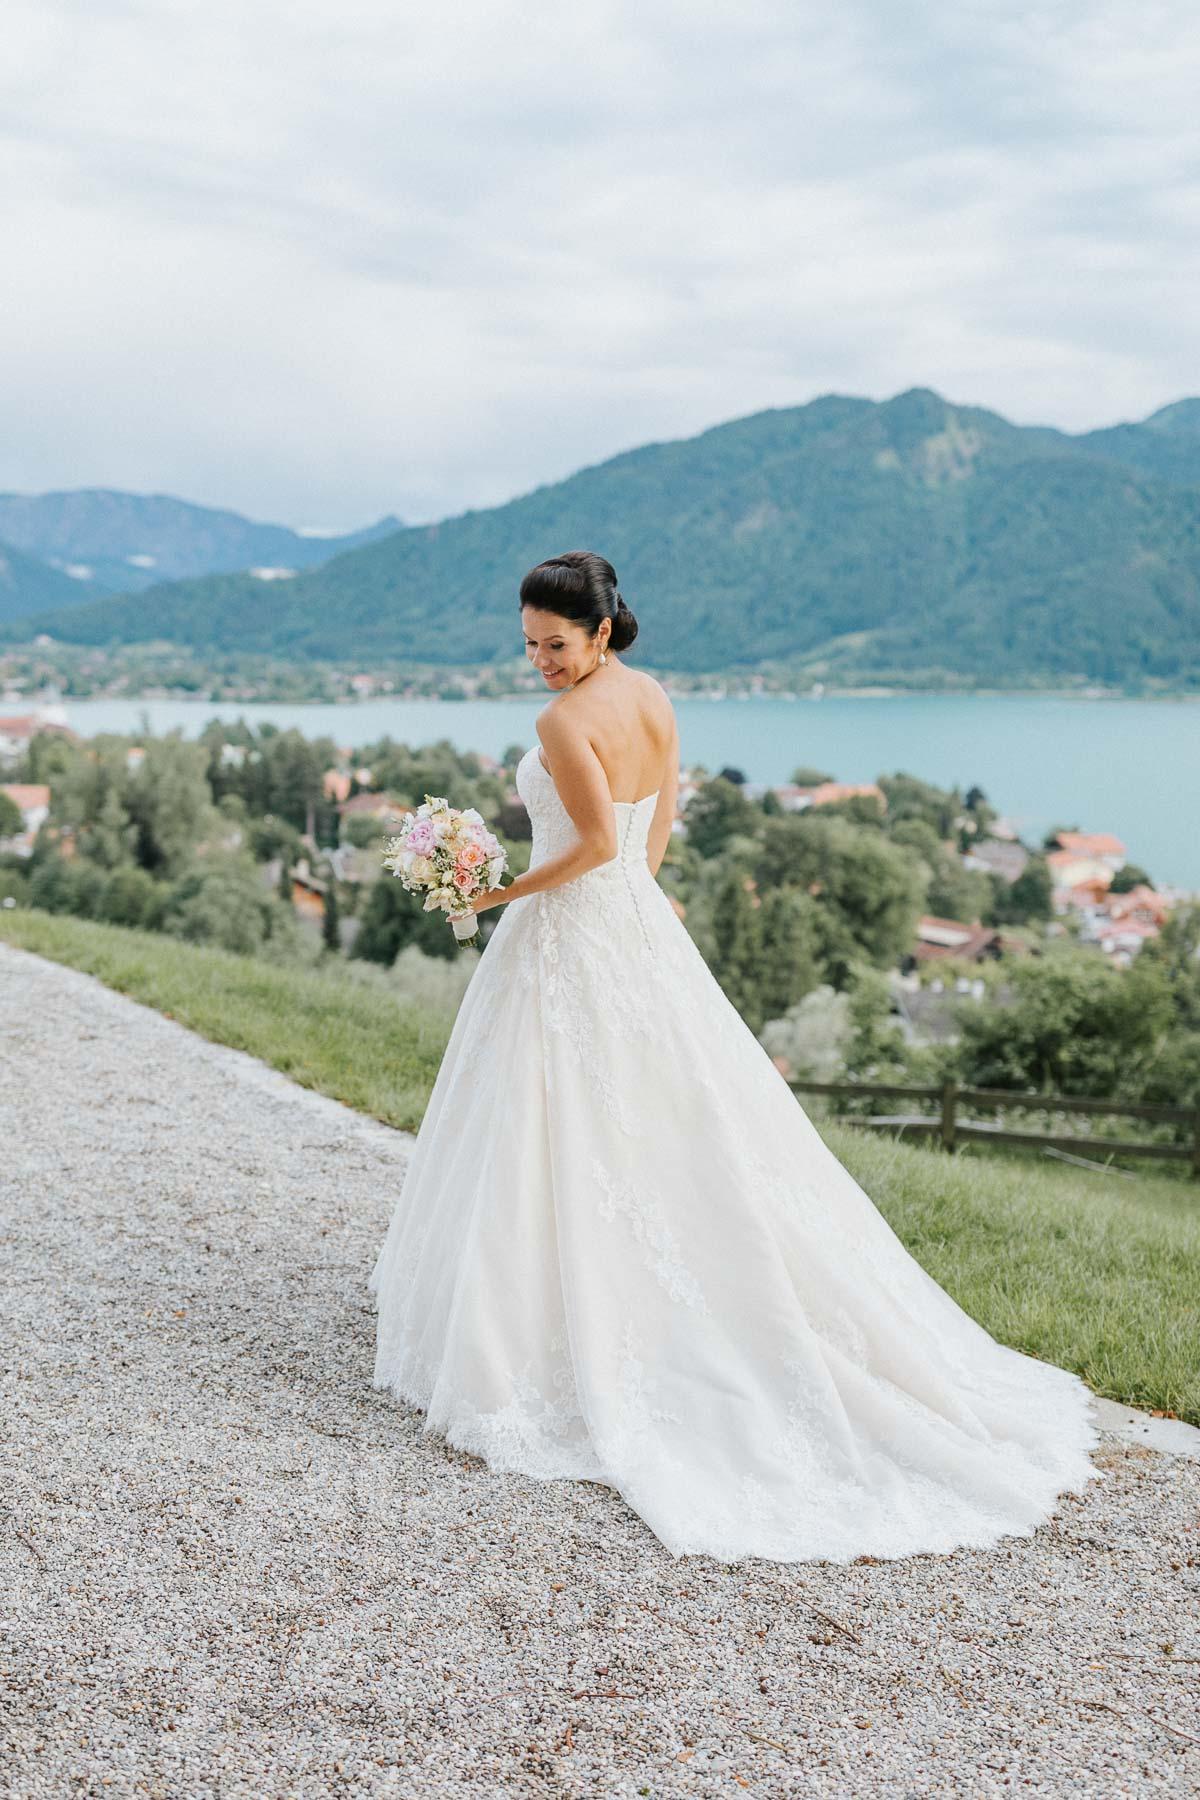 Ein schönes Brautkleid, eine schöne Braut hier bei der Hochzeit am Tegernsee. Als Hochzeitsfotograf bin ich gern vor Ort, wie hier das Tegernsee